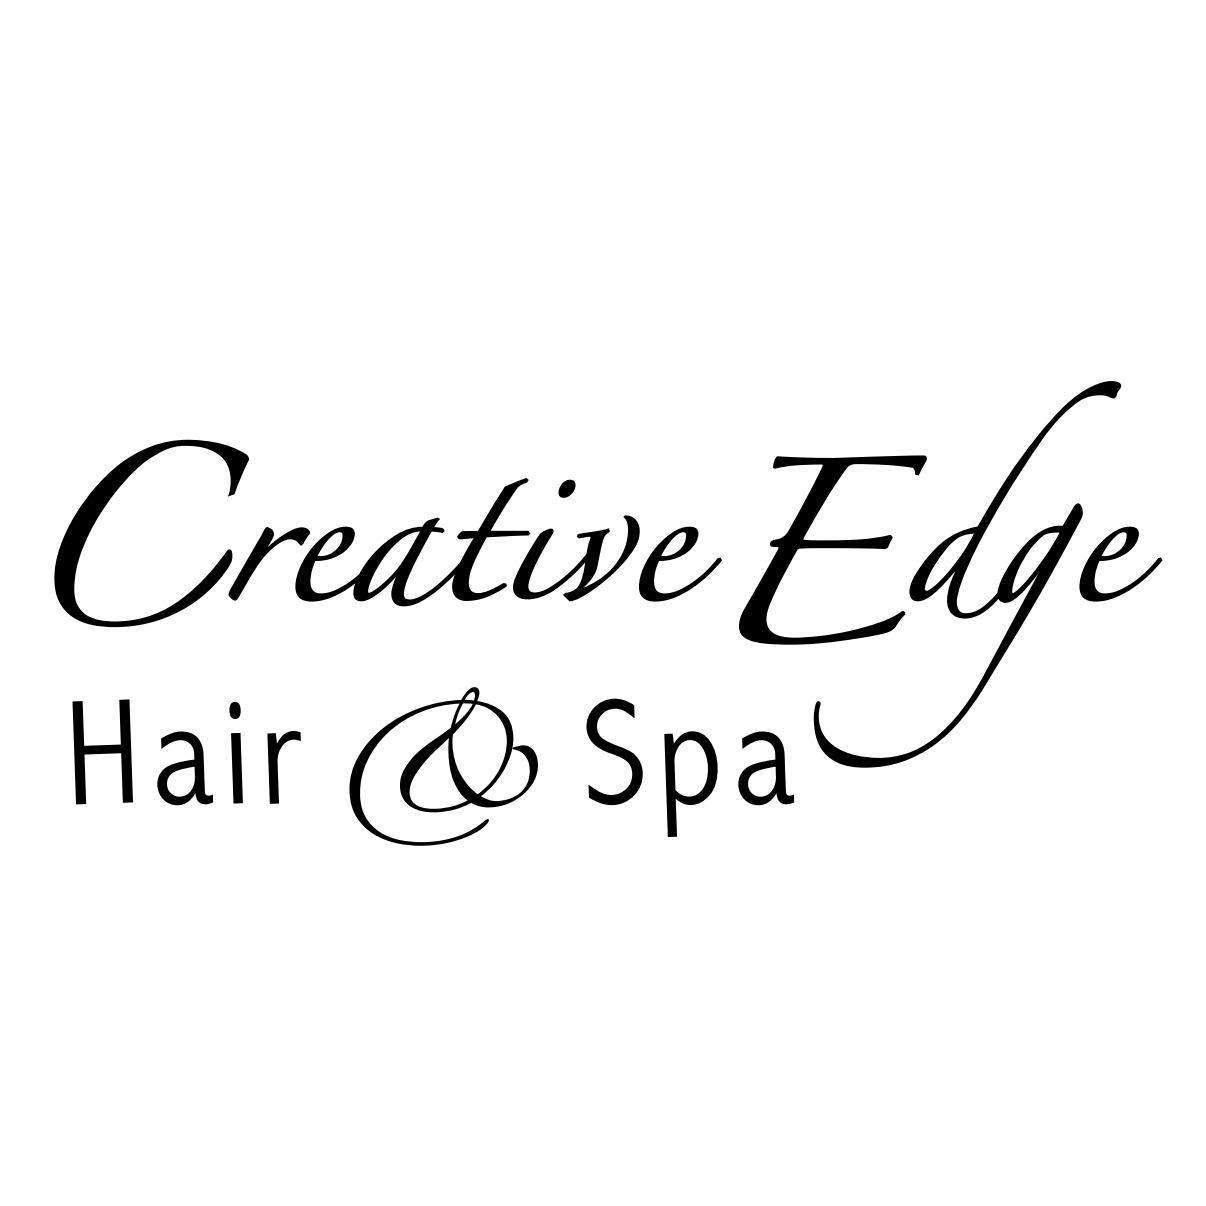 Creative Edge Hair Salon